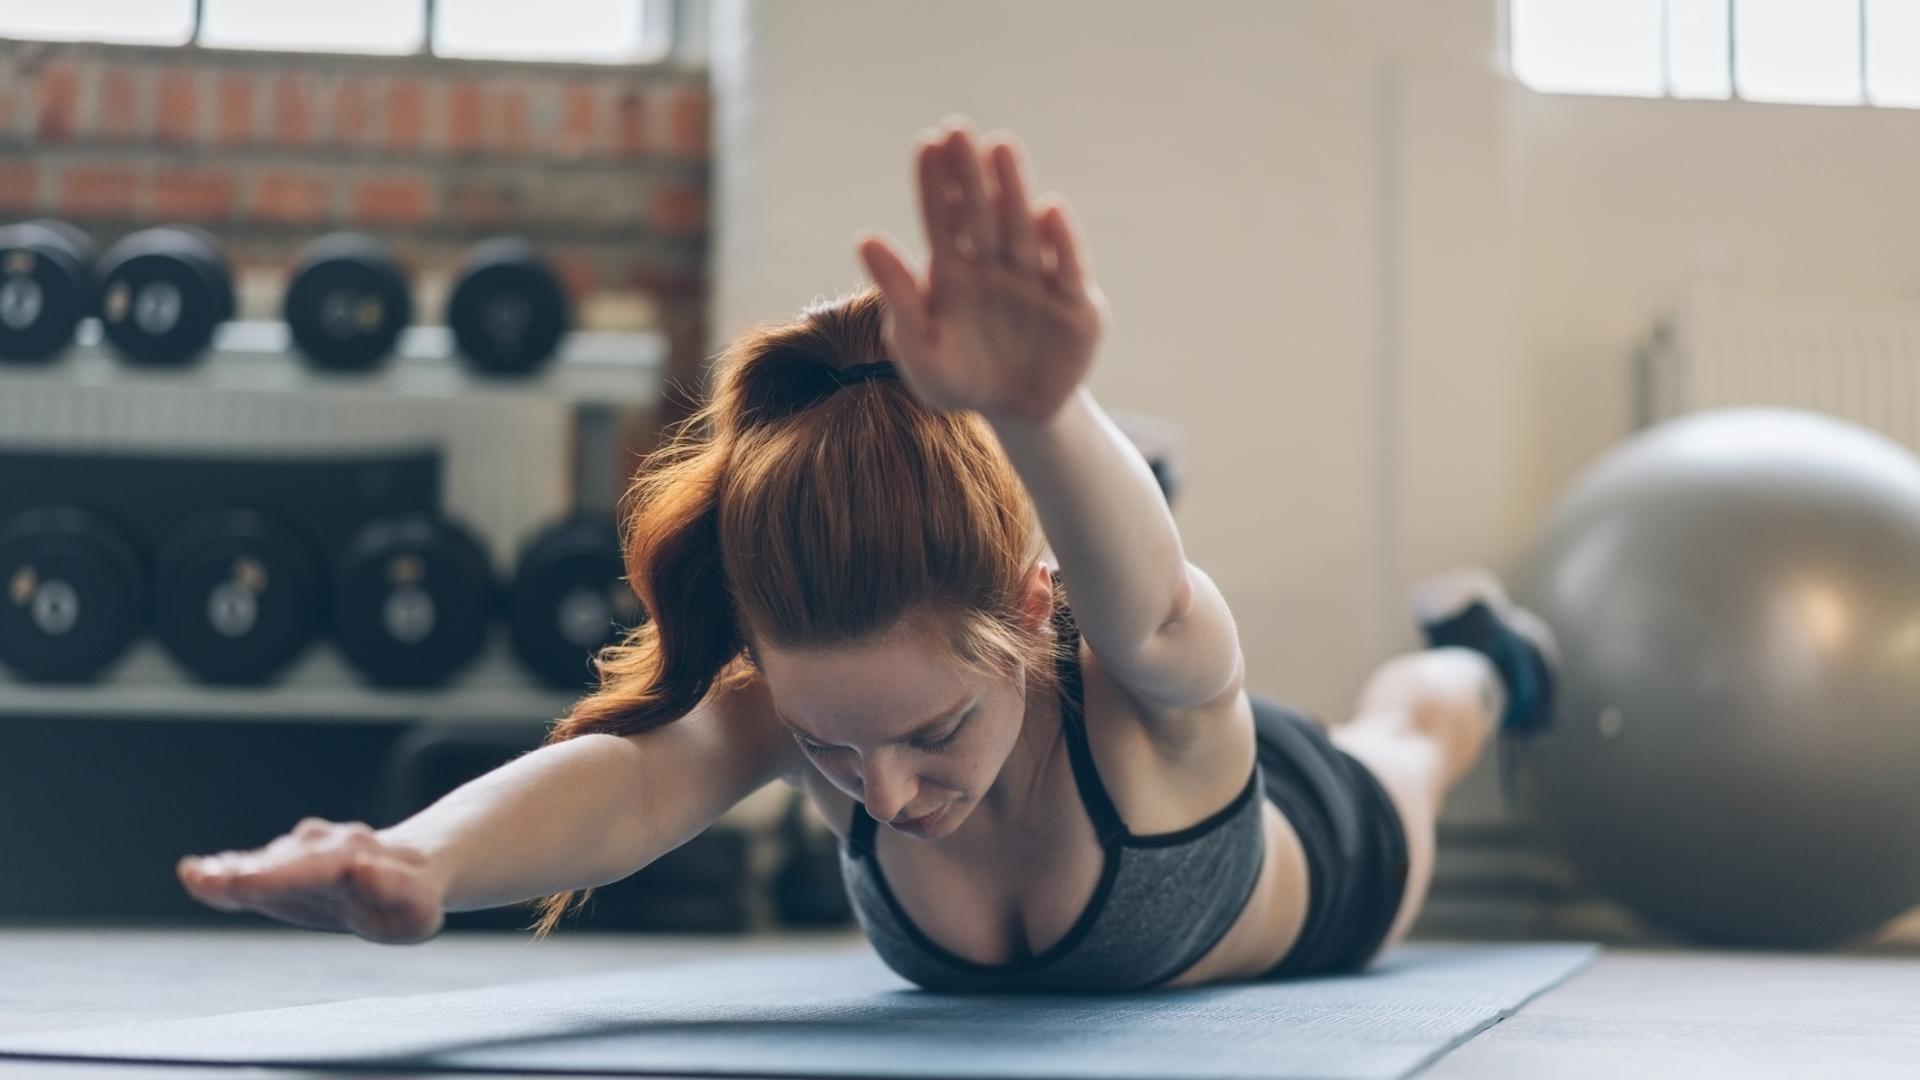 Frau swimmer Übung Sport Rücken Workout